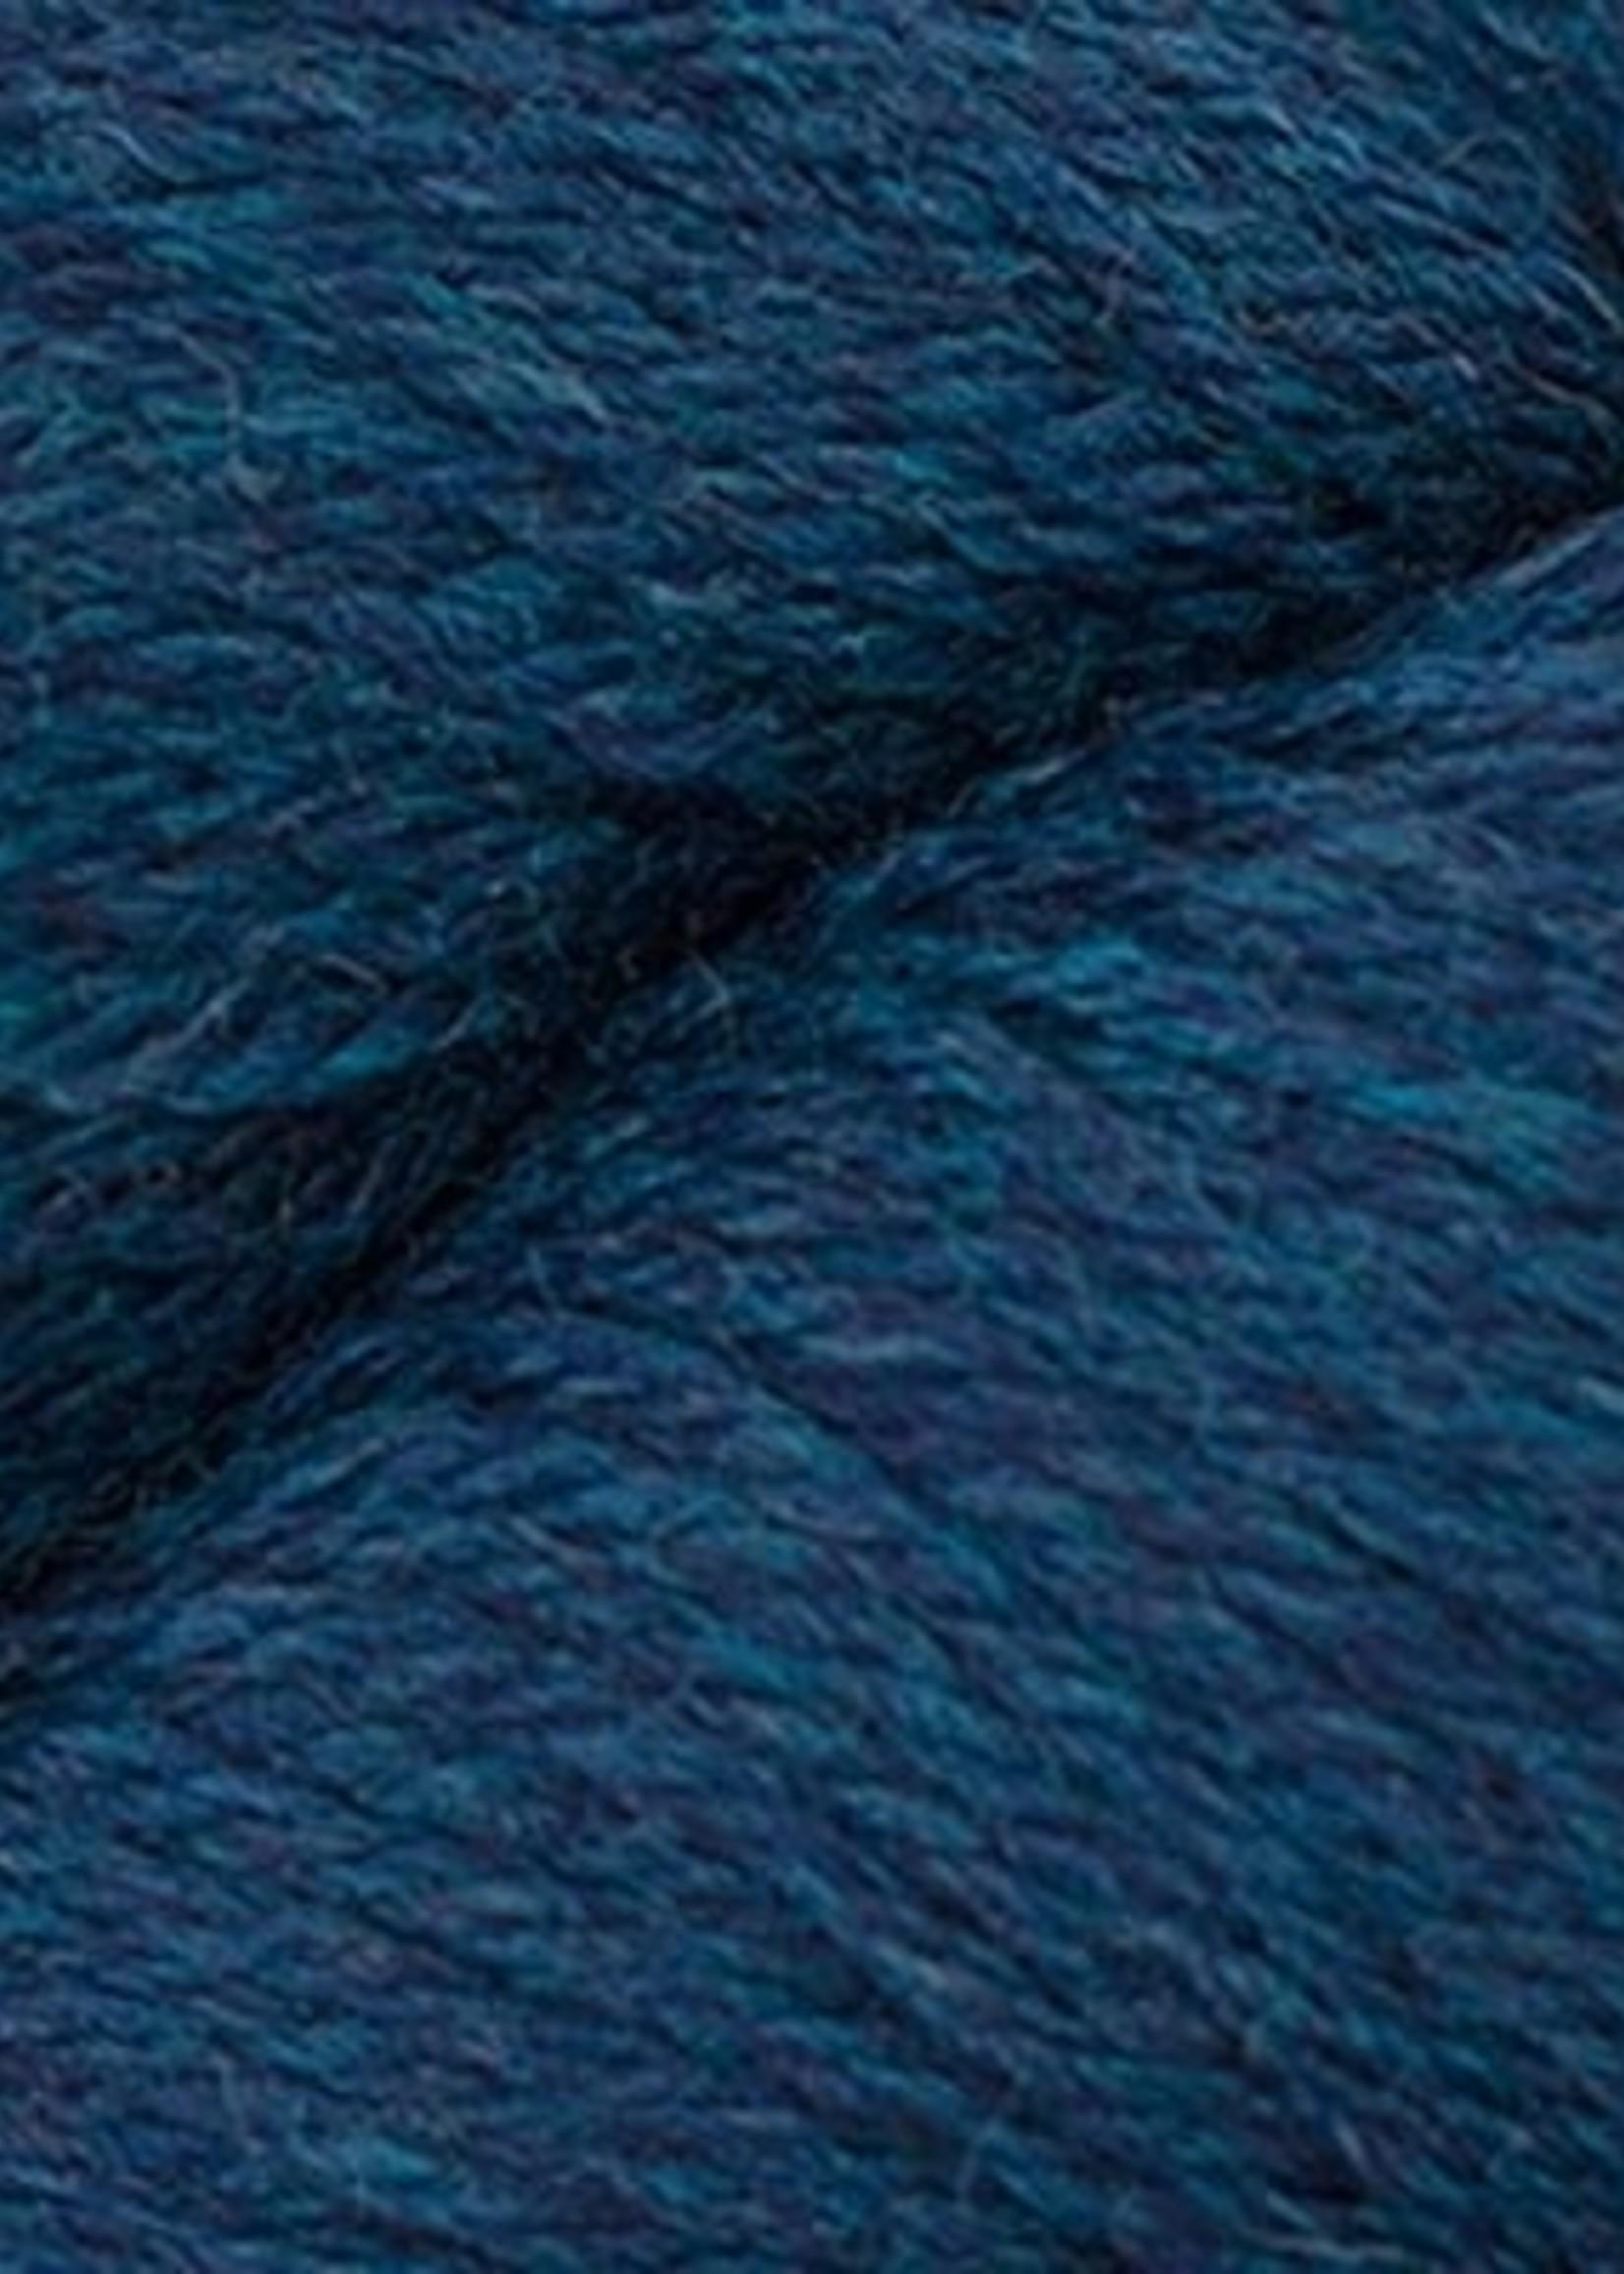 Cascade Cascade 220 Yarn #2448 Mallard Heather